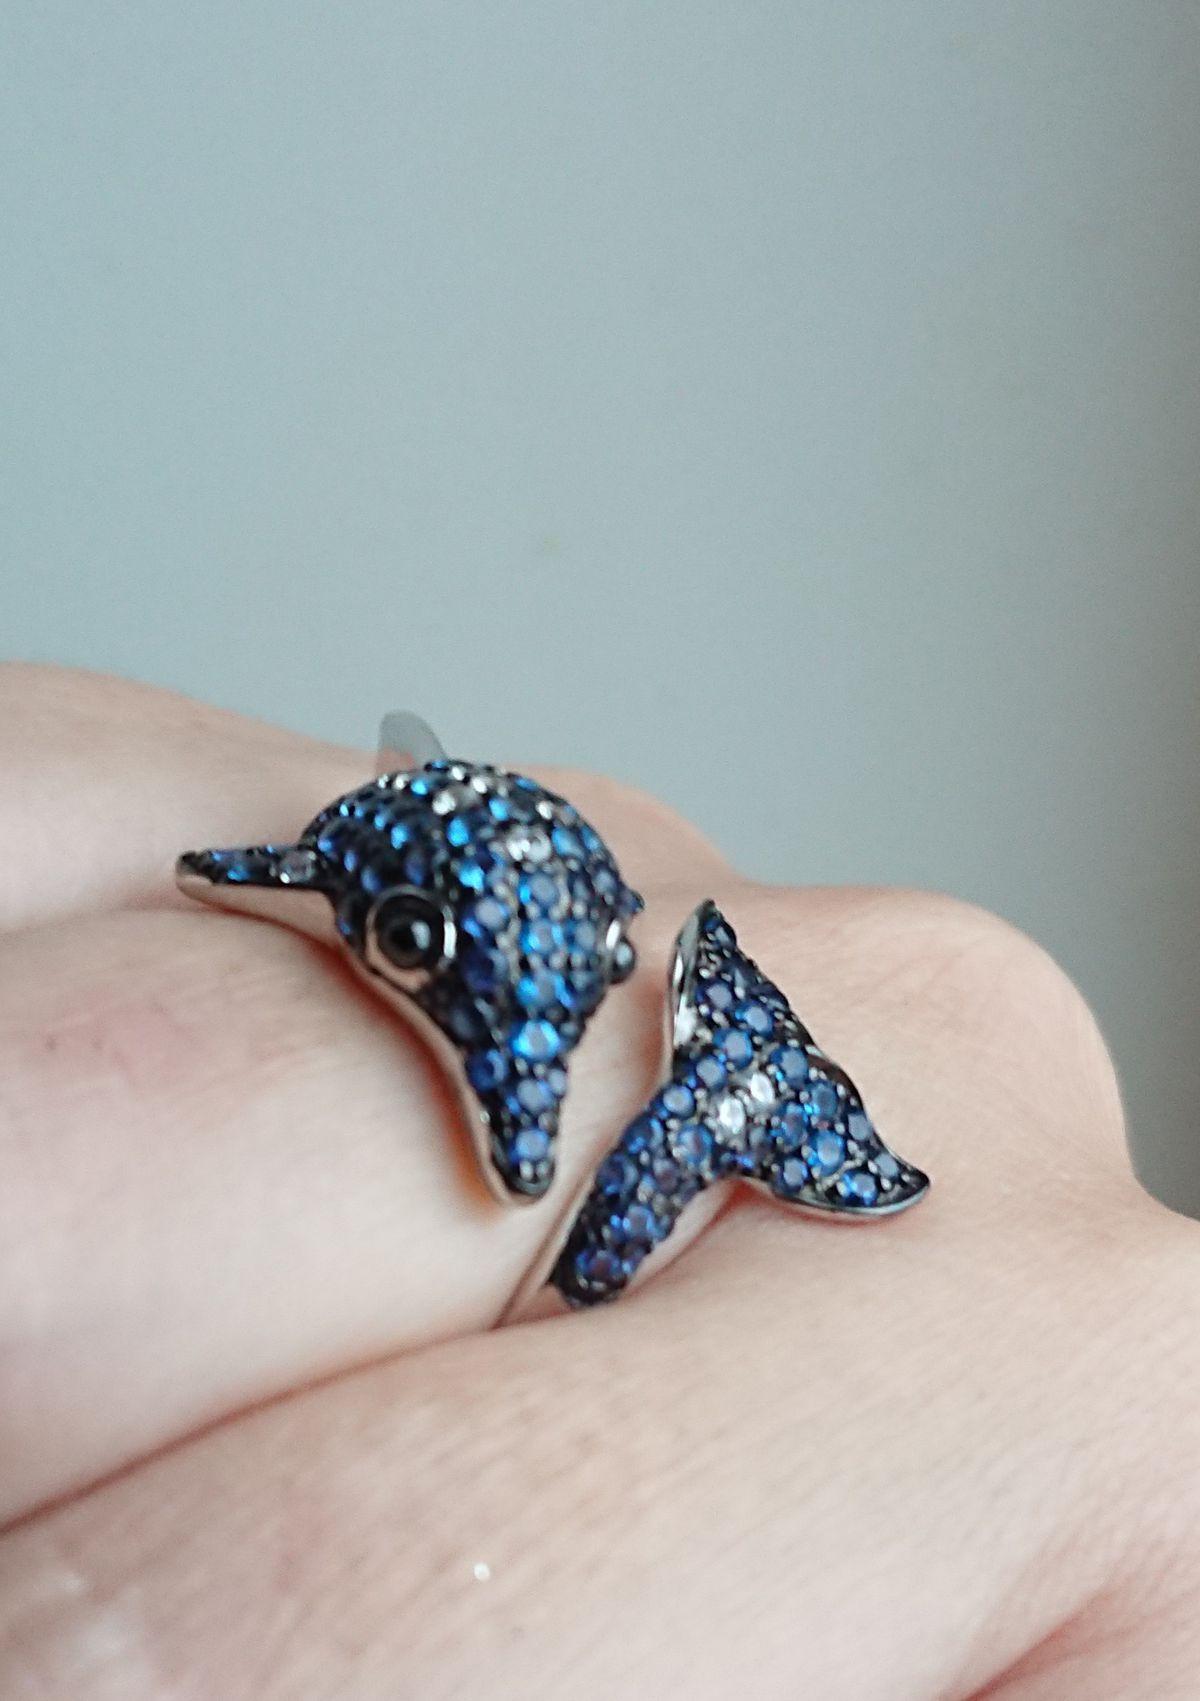 Теперь это любимое кольцо-дельфин)